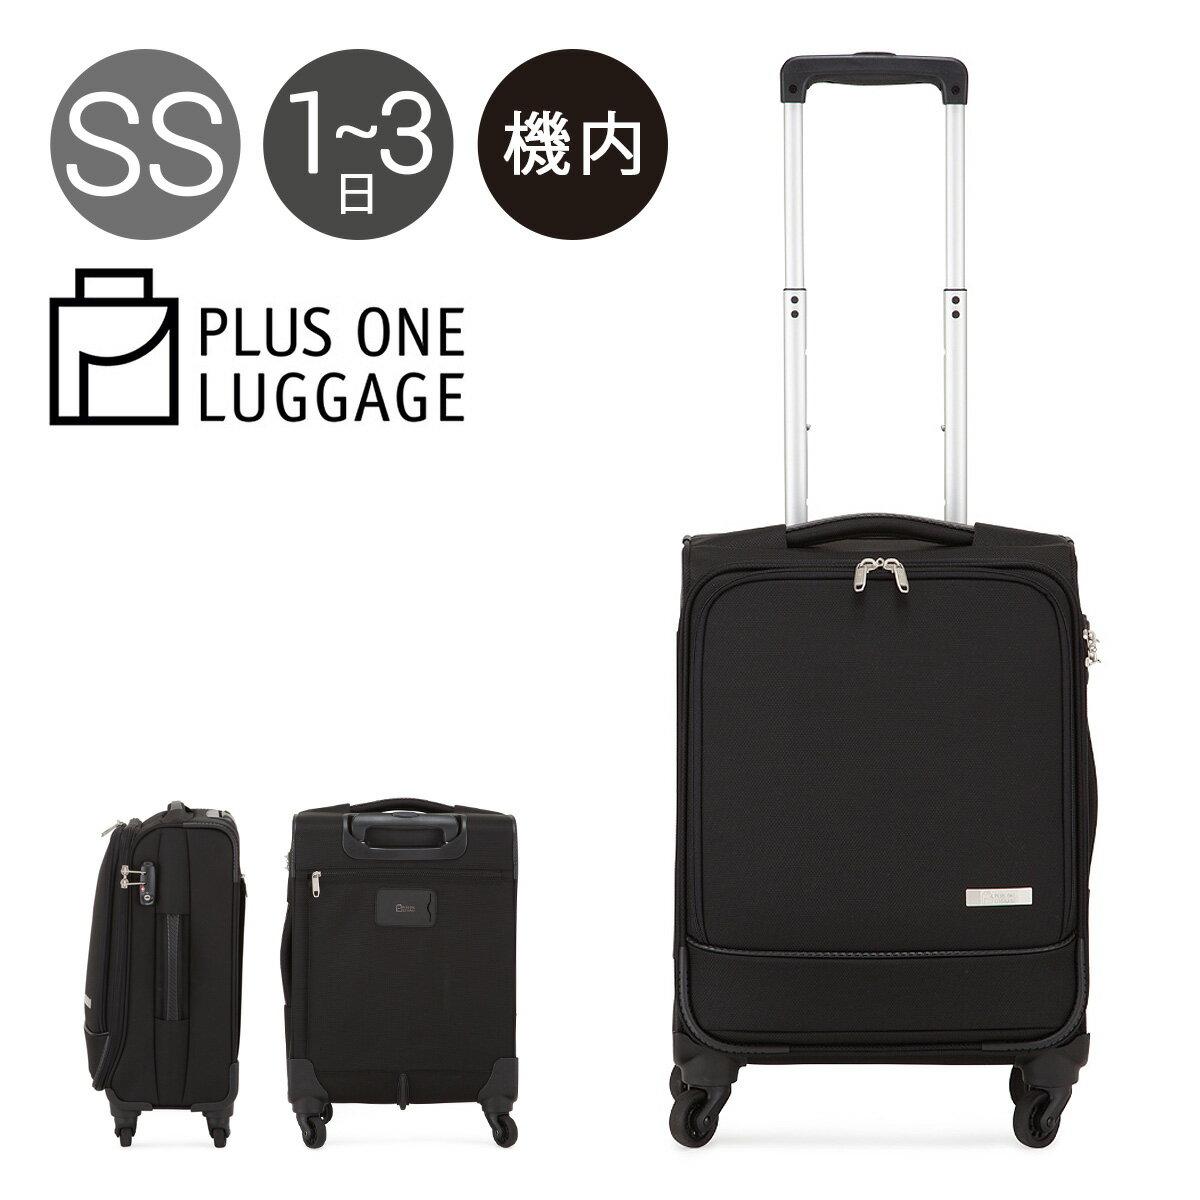 プラスワン スーツケース 3015-46 46cm 【 PLUSONE LUGGAGE キャリーケース キャリーバッグ ビジネスキャリー 出張 機内持ち込み可 】